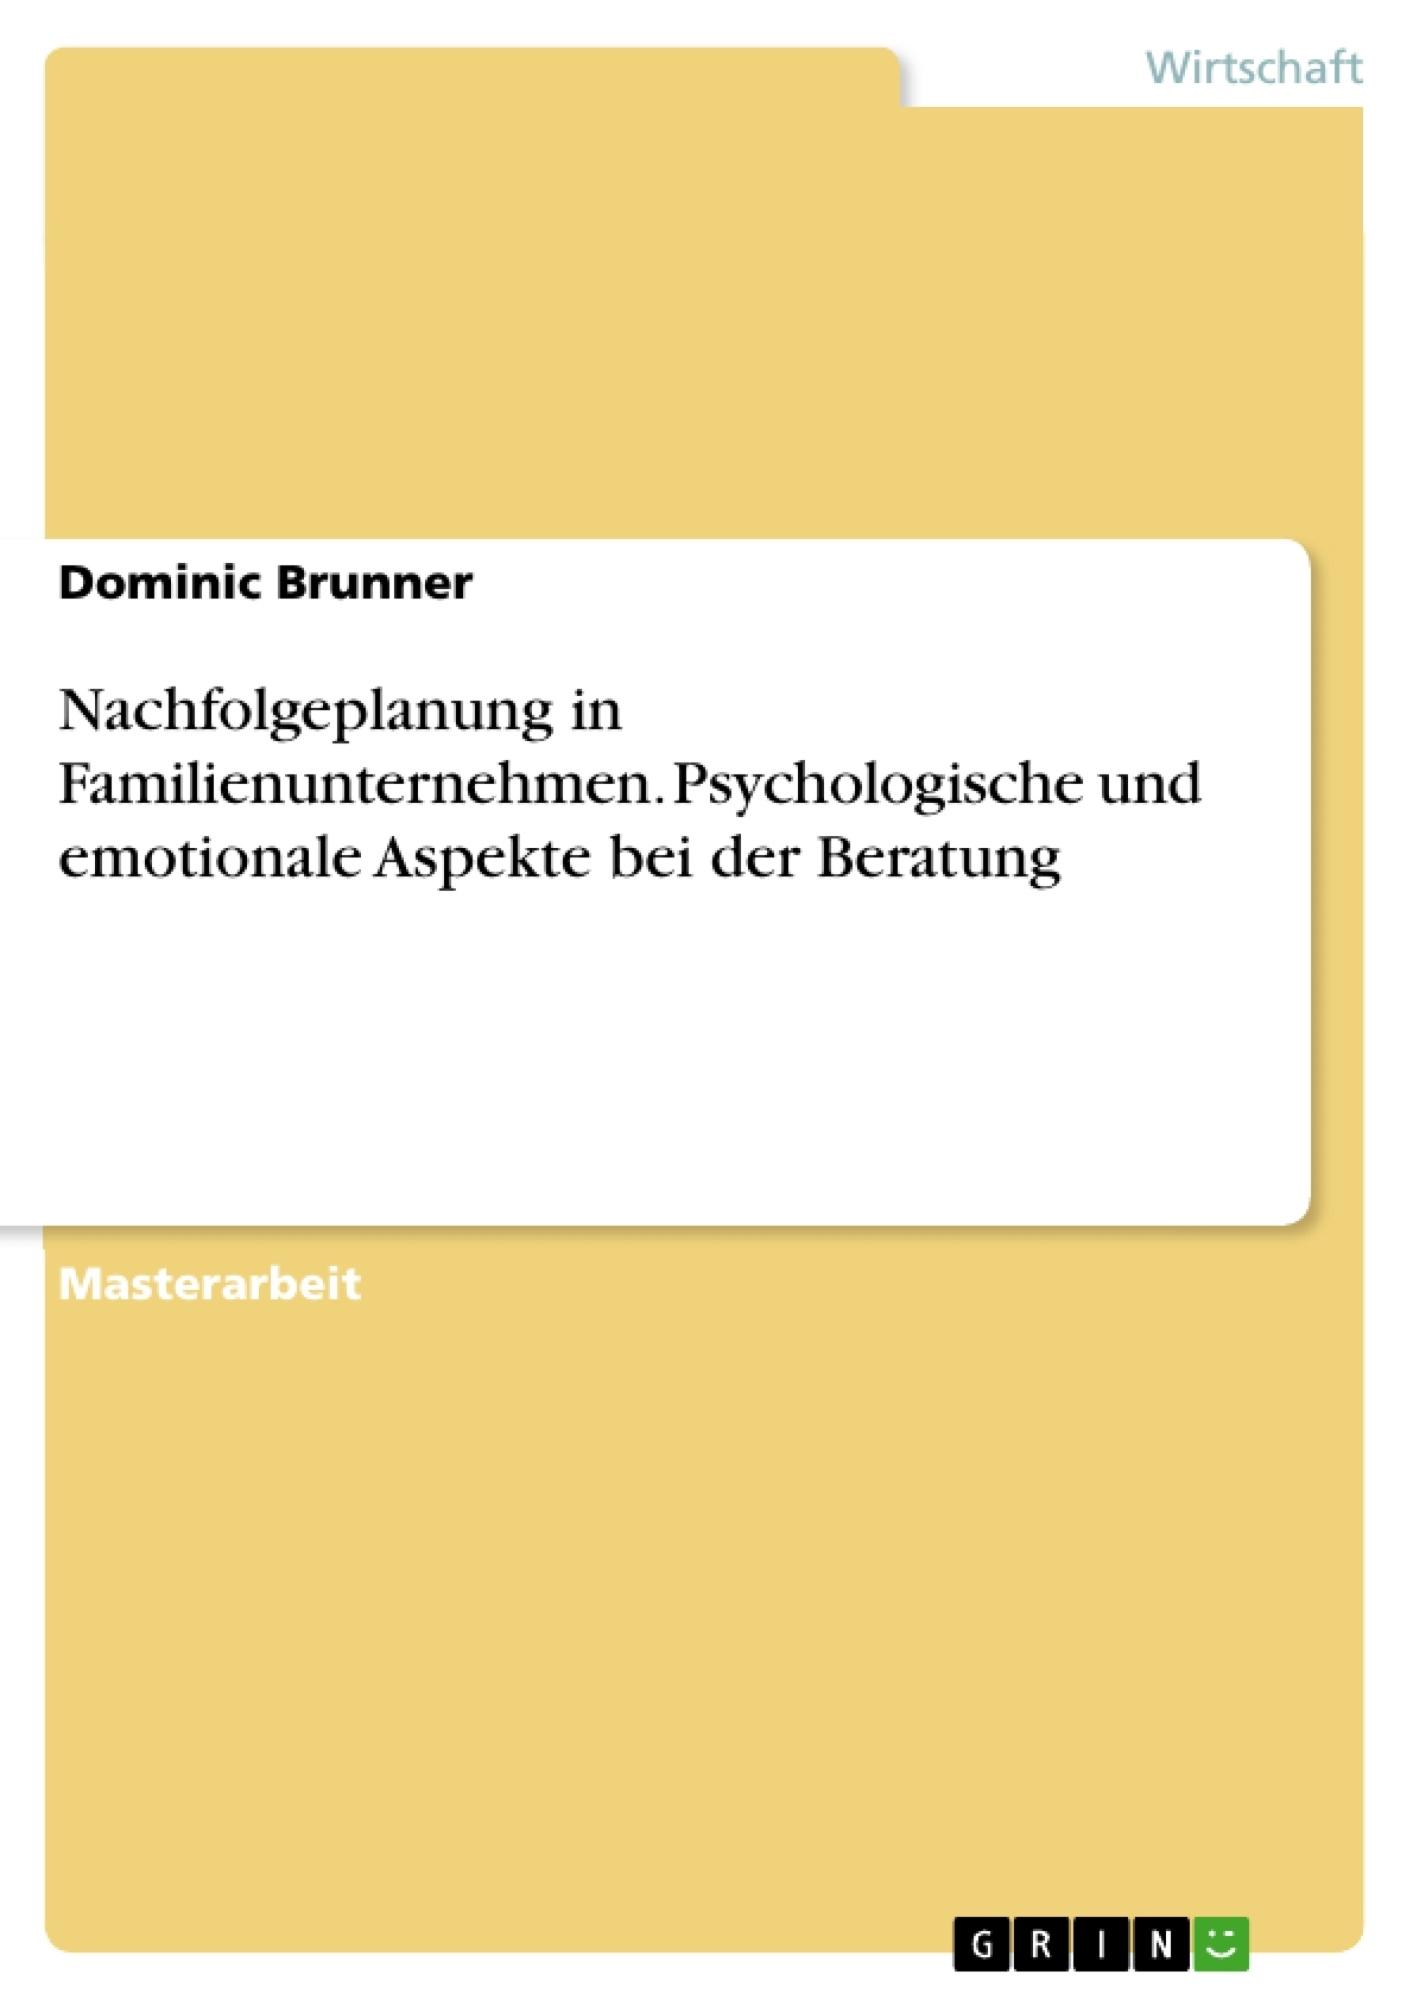 Titel: Nachfolgeplanung in Familienunternehmen. Psychologische und emotionale Aspekte bei der Beratung